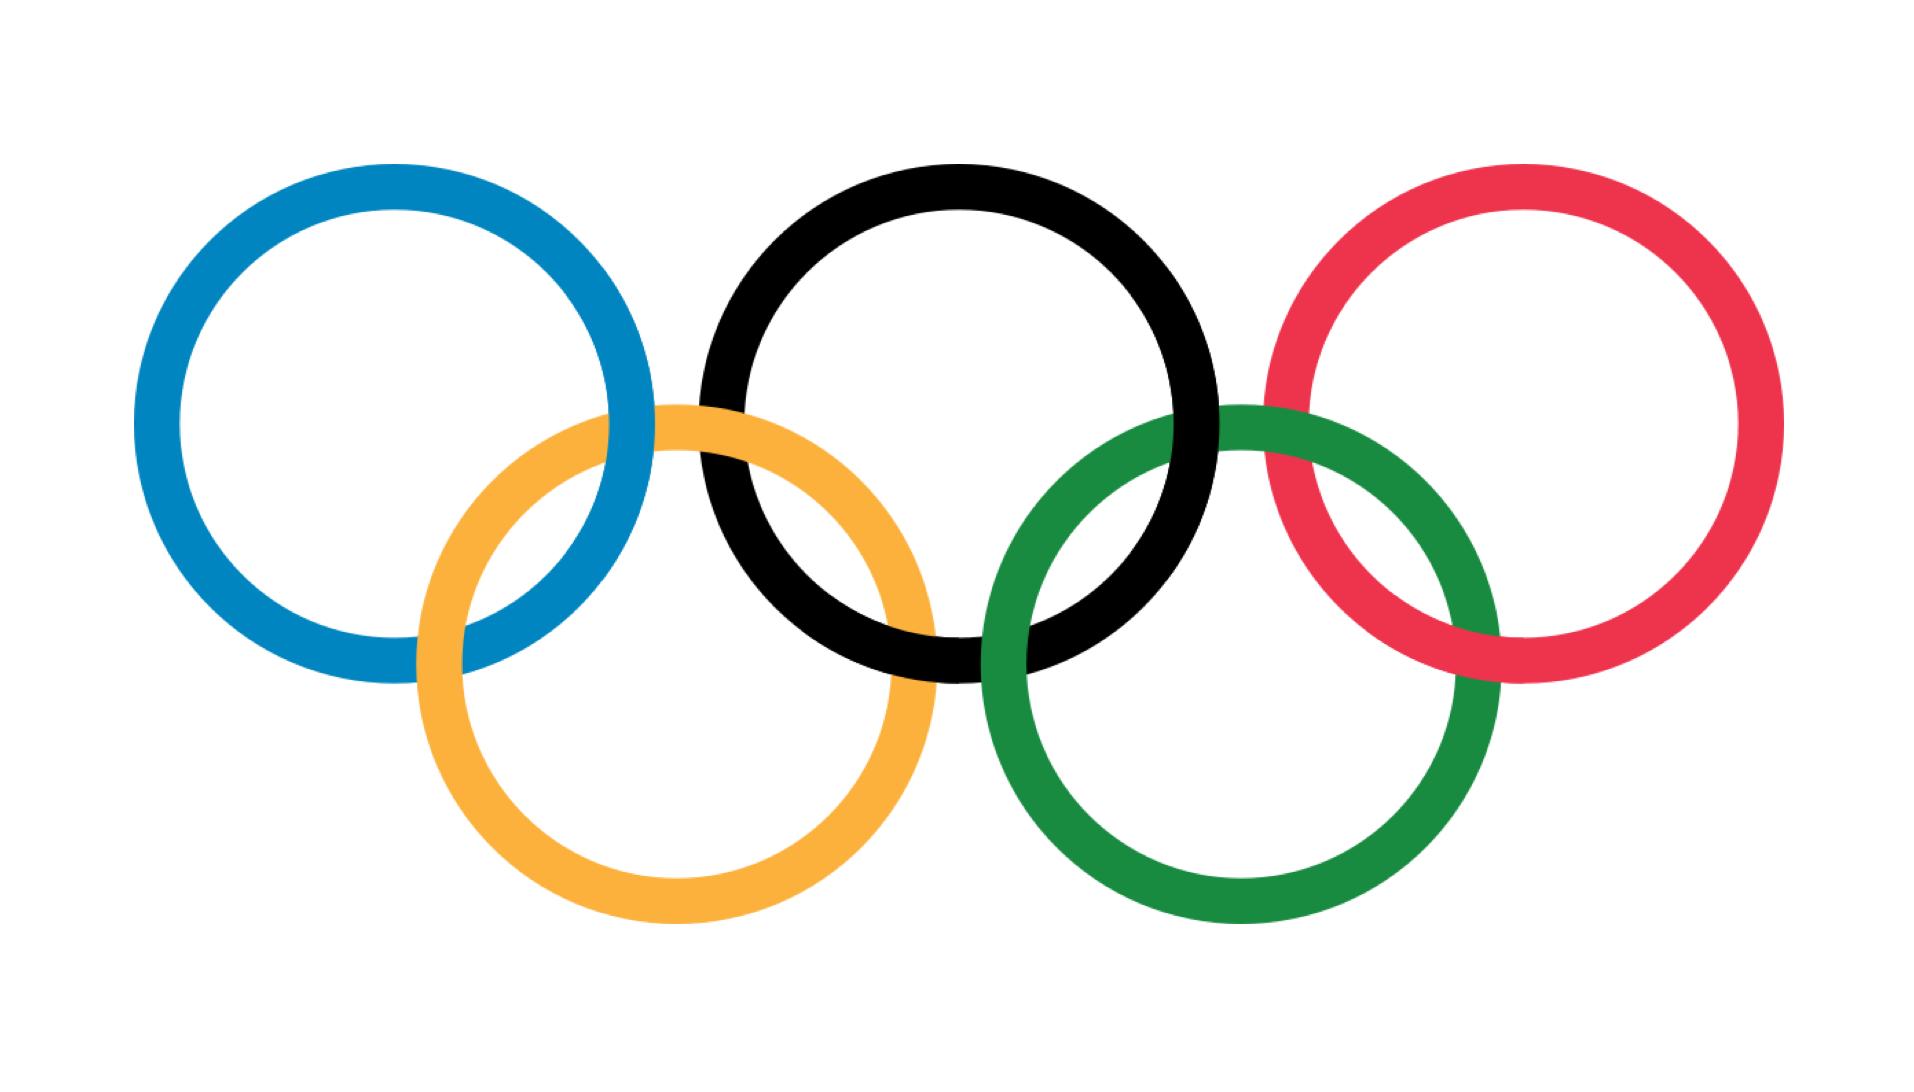 Olimpiadi dell'Appennino: il progetto prende forma